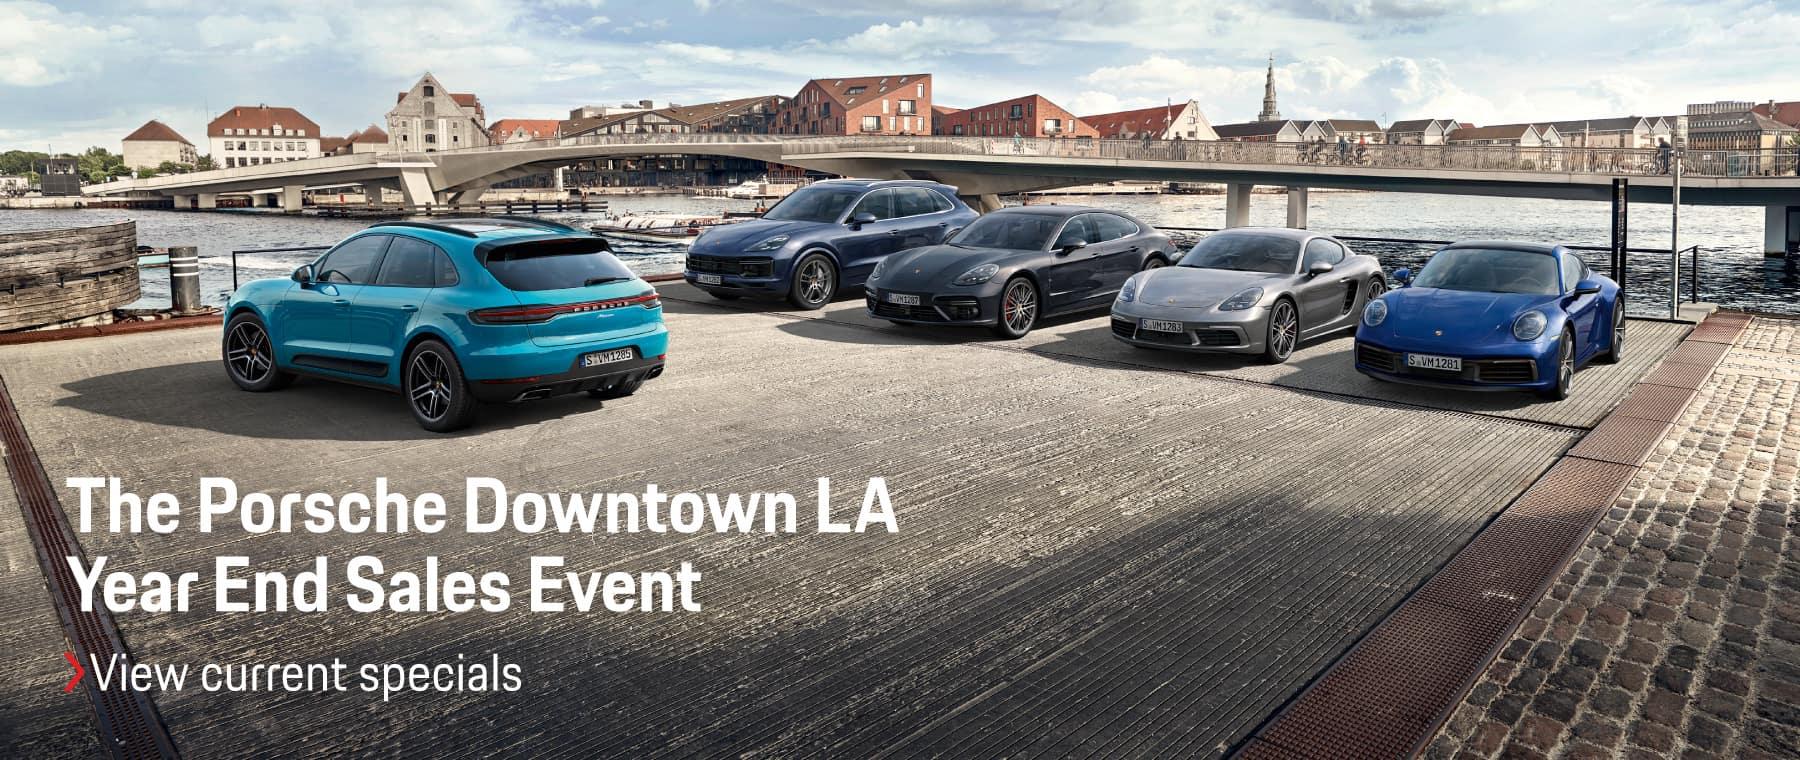 The Porsche Downtown LA Year End Sales Event